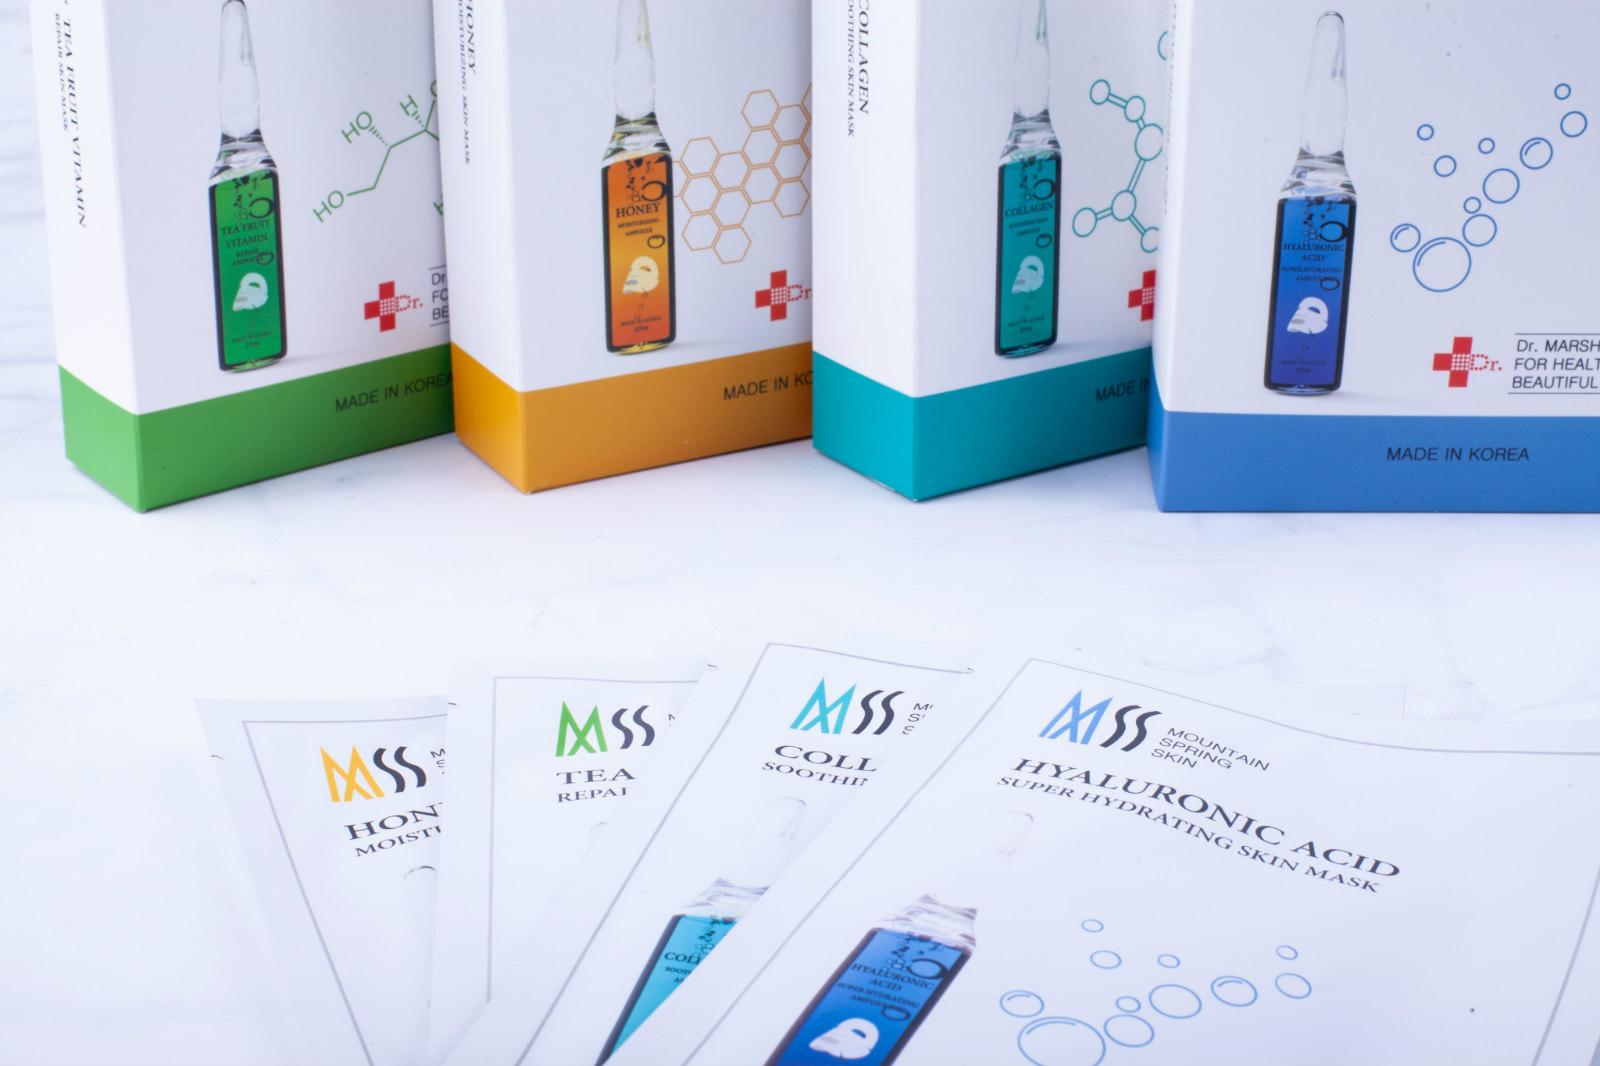 韩国(mss)抹司面膜正式进入国内市场